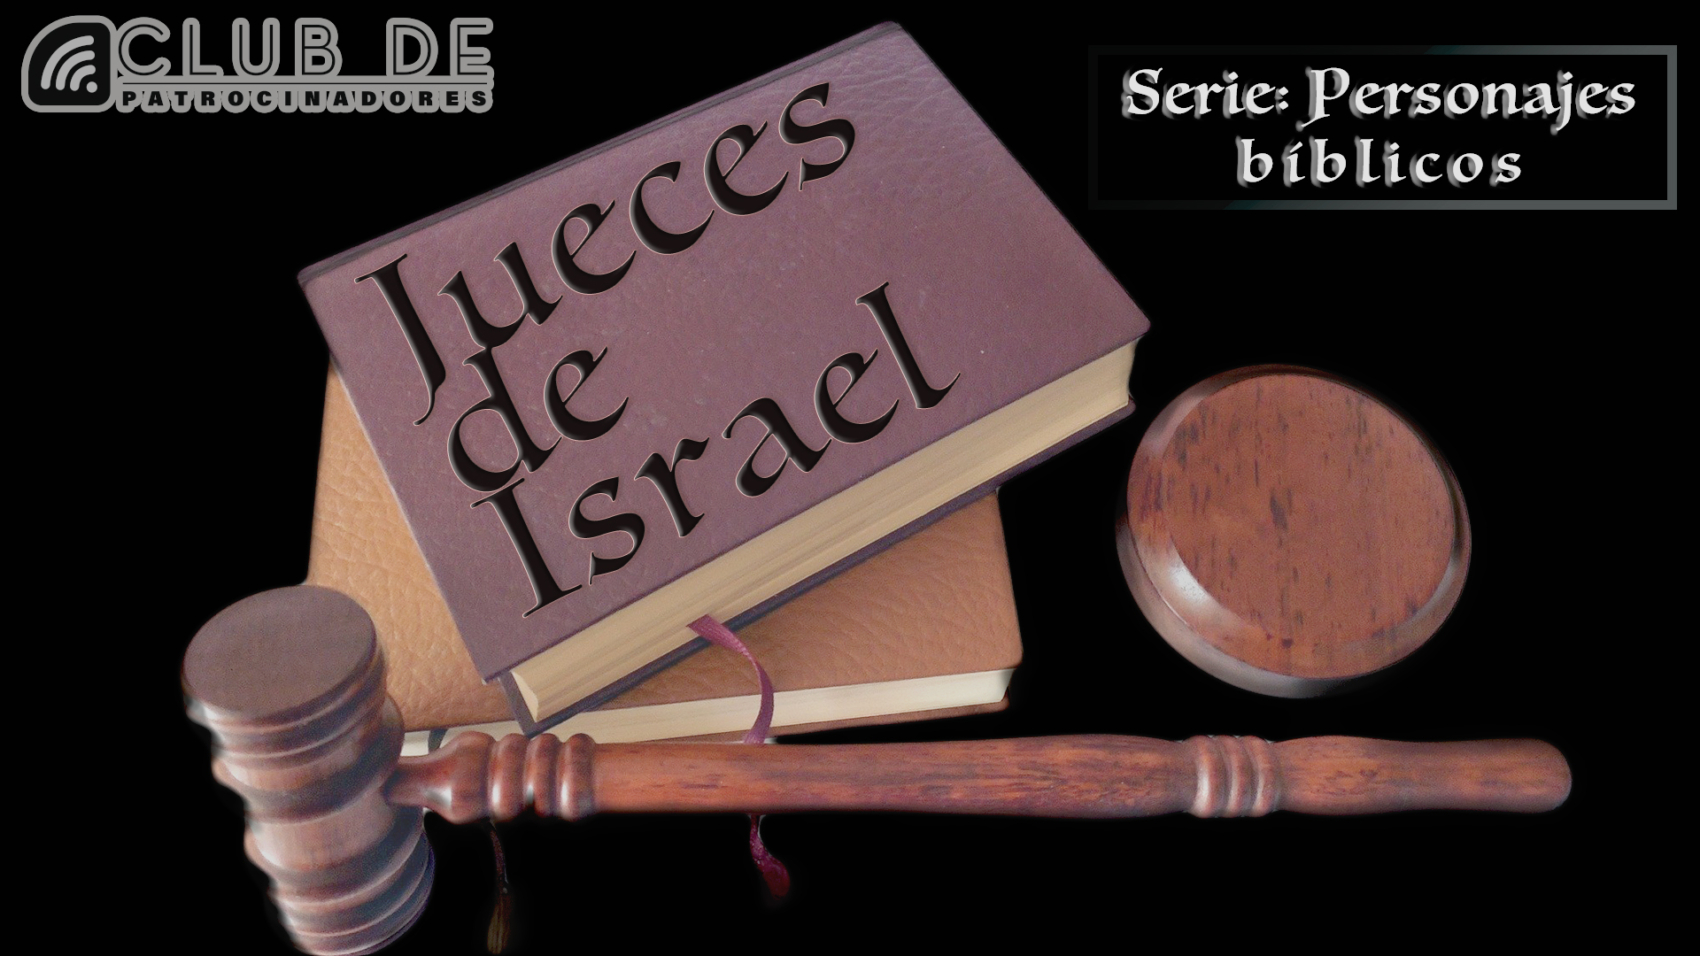 CP_56 -personaje biblico-Jueces de Israel-1920x1080